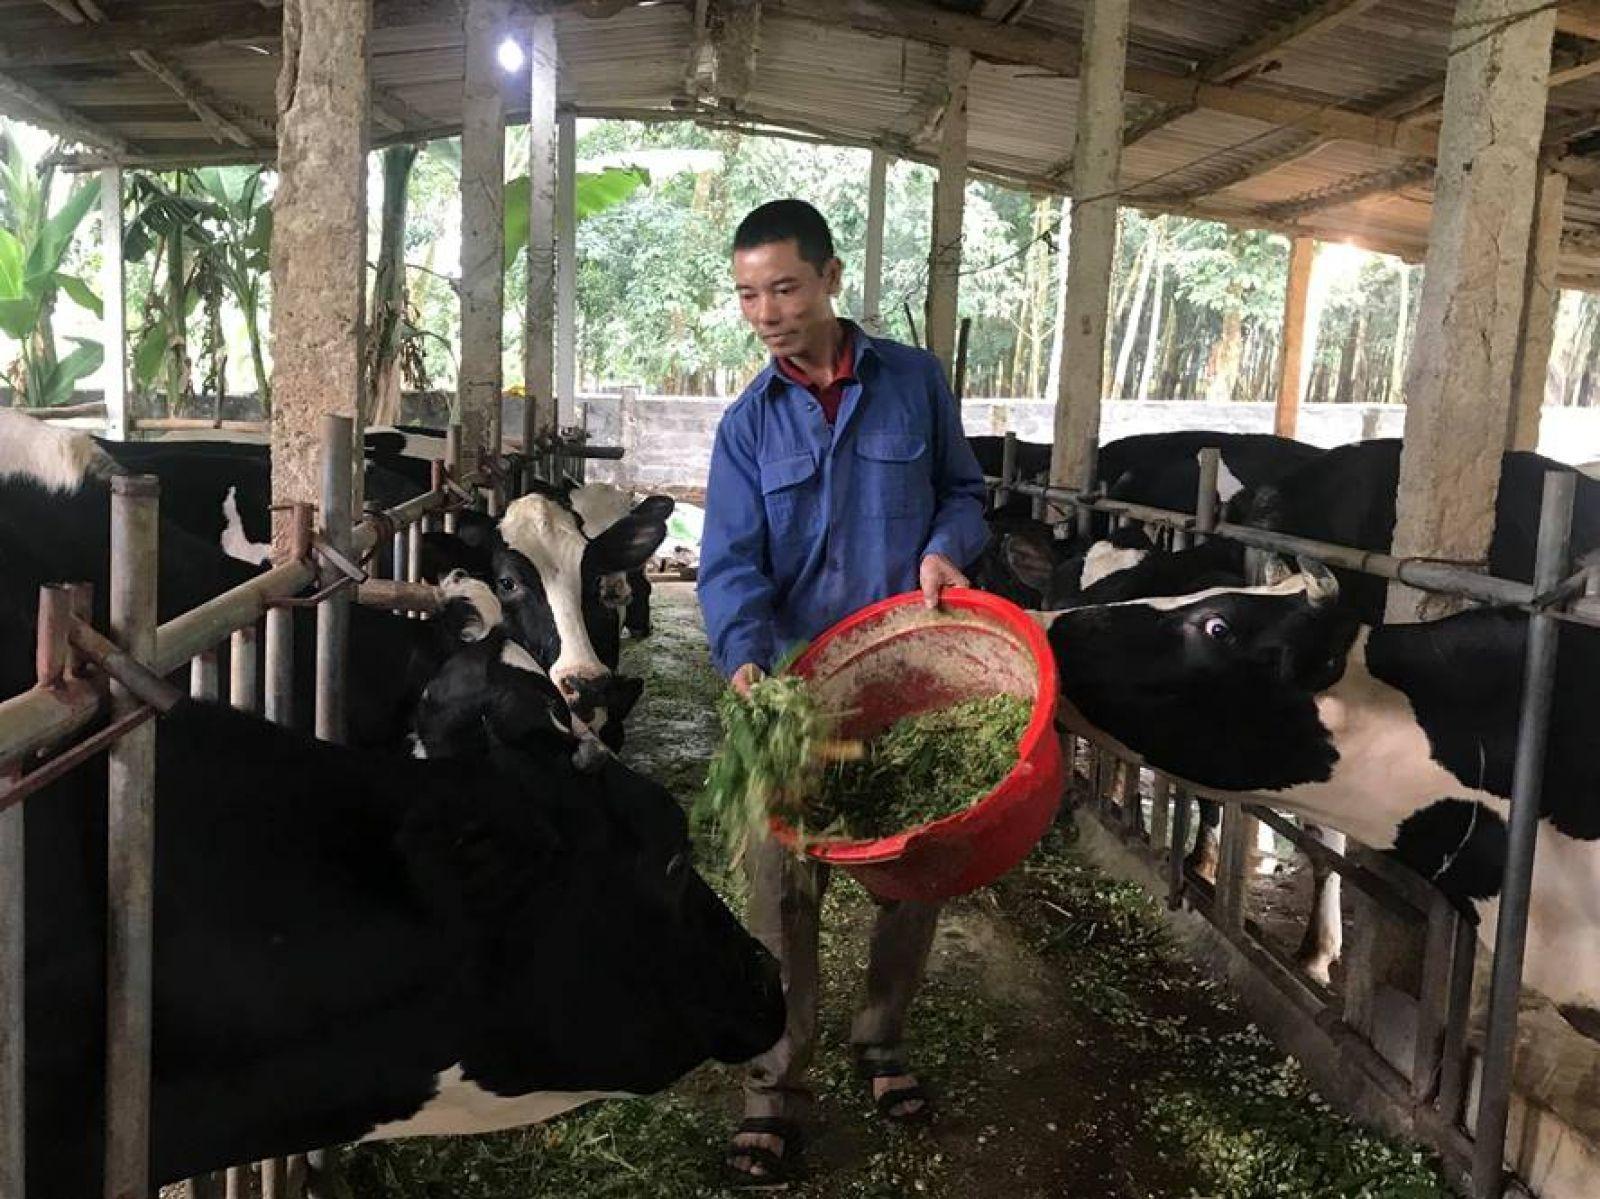 Để chăm sóc, nuôi dưỡng 23 con bò sữa của gia đình, anh Lê Minh Nghĩa đã mạnh dạn đầu tư trồng hơn 1 ha cỏ để cho bò đủ dinh dưỡng hàng ngày. Ảnh: CT